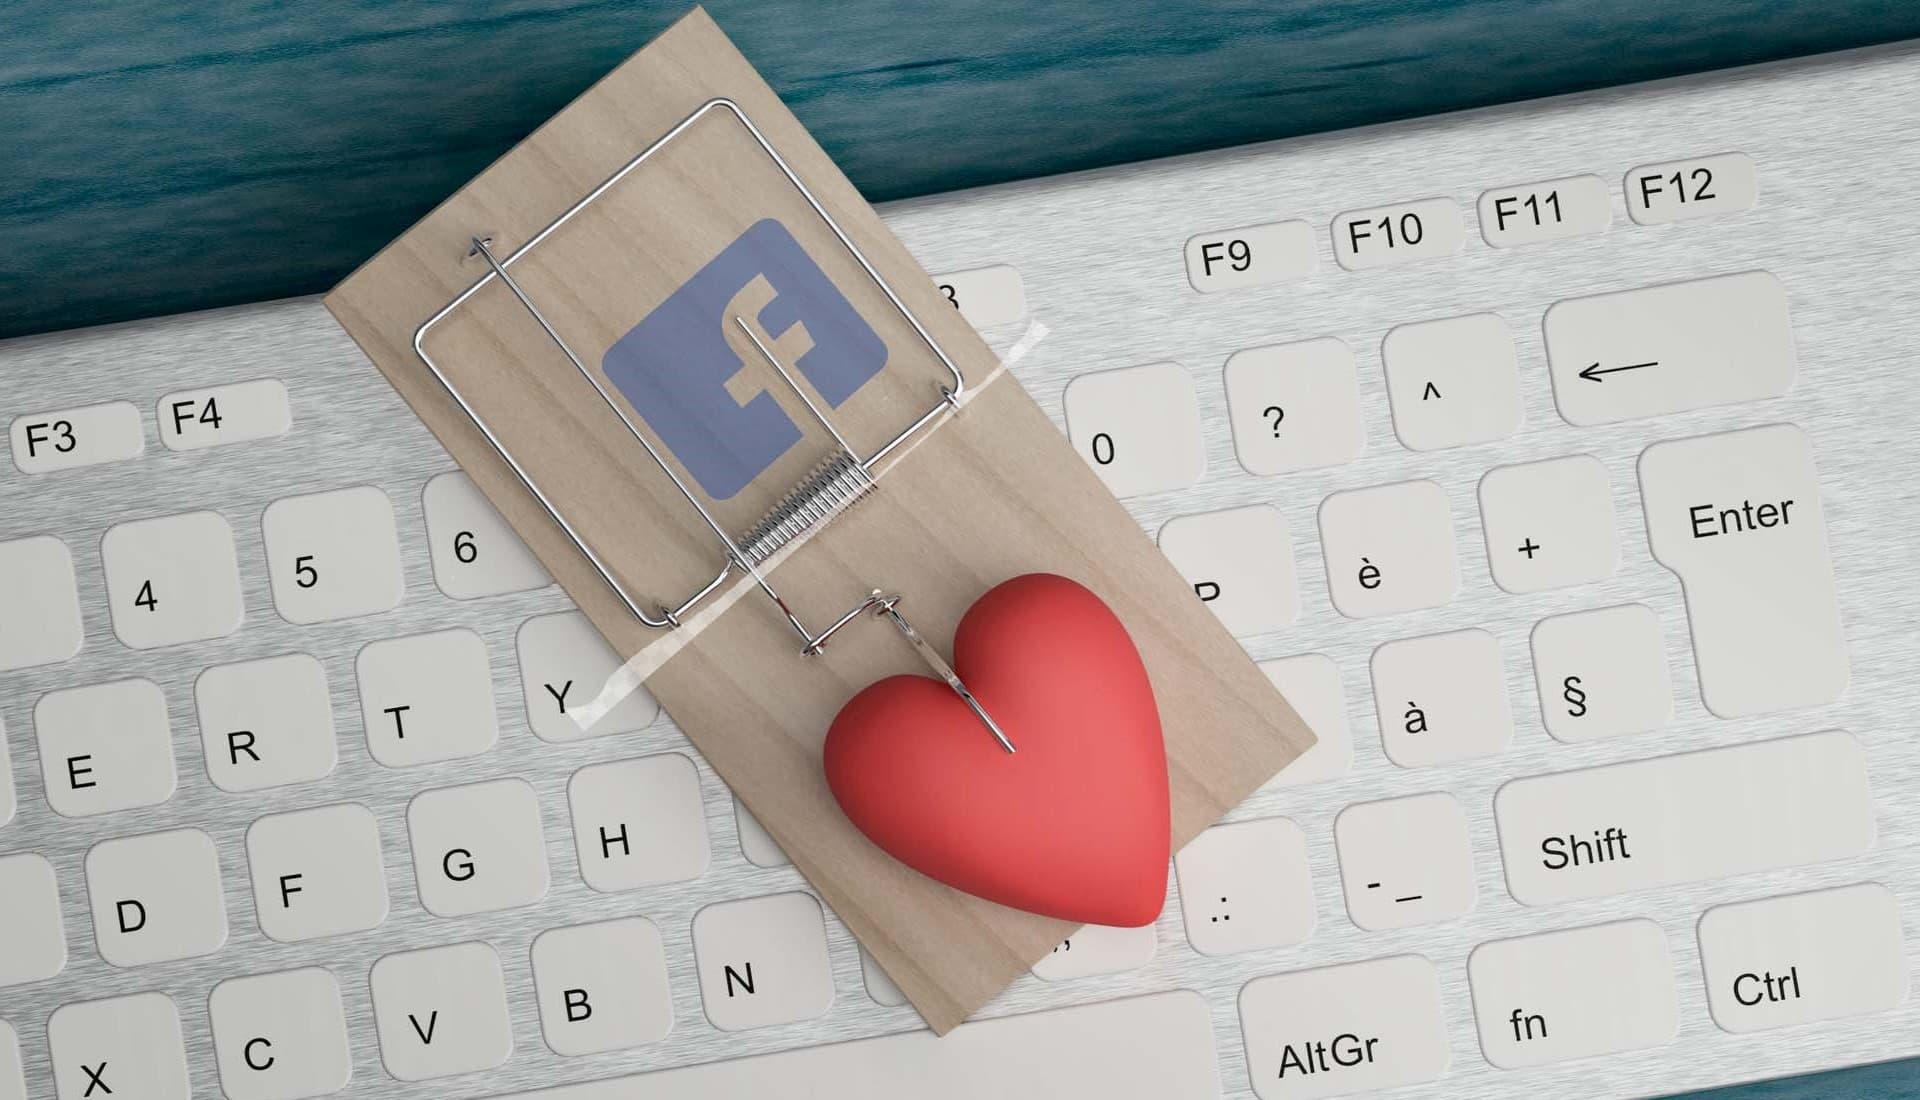 RomanceScam burla no namoro netSegura